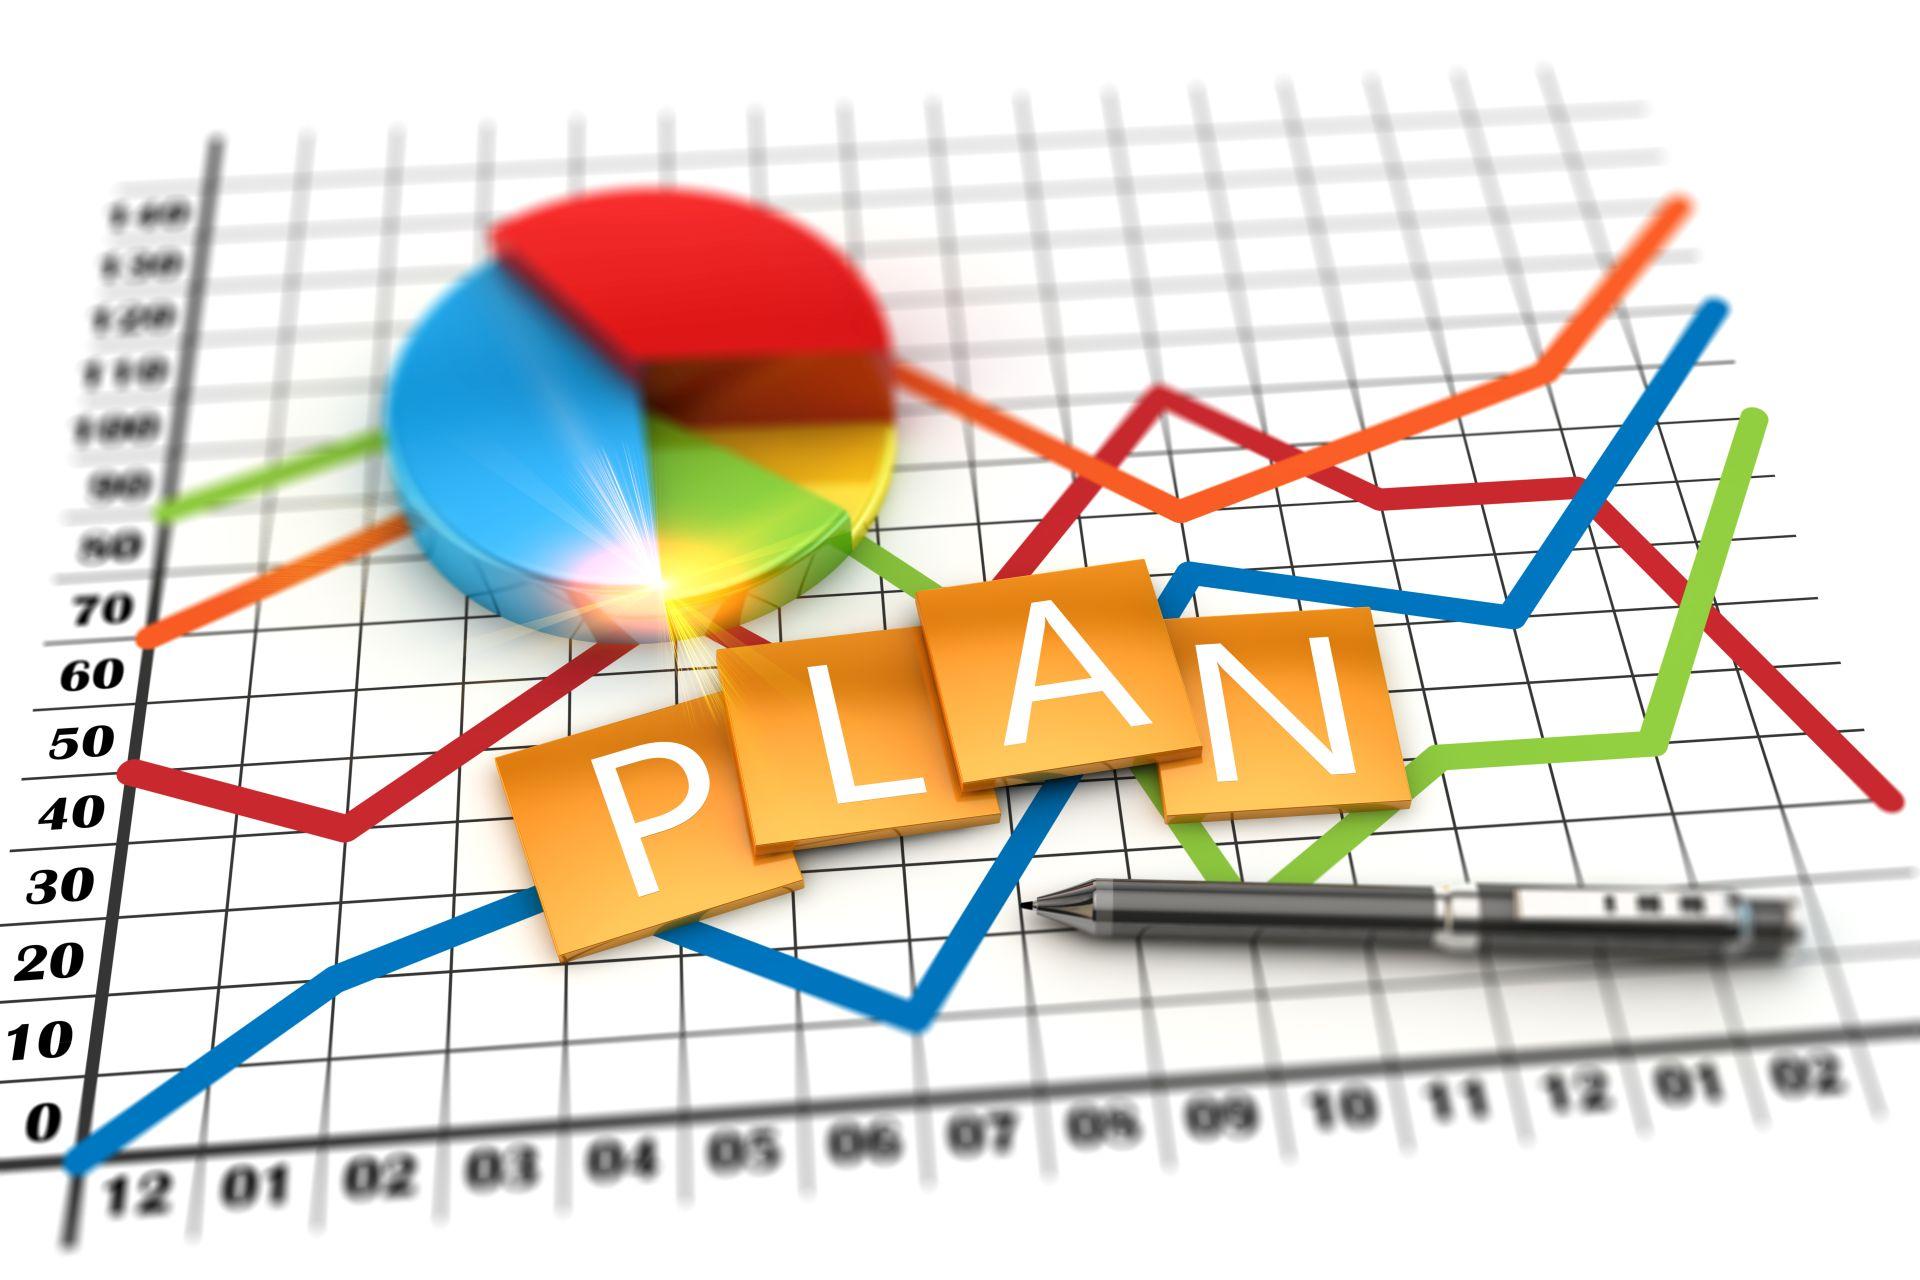 ilustracja, koncepcja finansowa, wykres ekonomii planowania korporacyjnego. Dane finansowe w gospodarce światowej